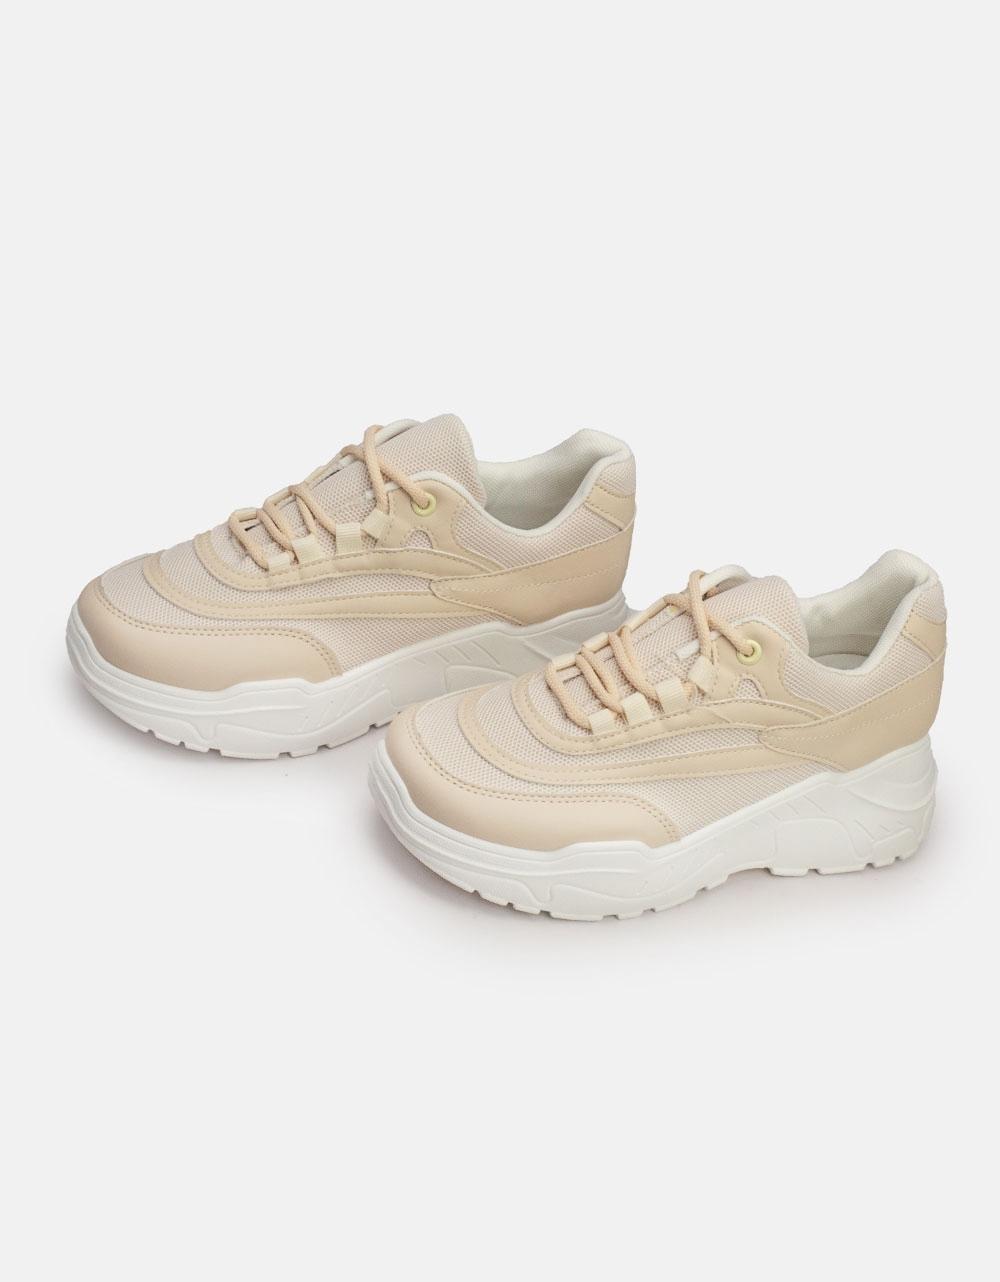 Εικόνα από Γυναικεία sneakers με δίχρωμο σχέδιο Μπεζ